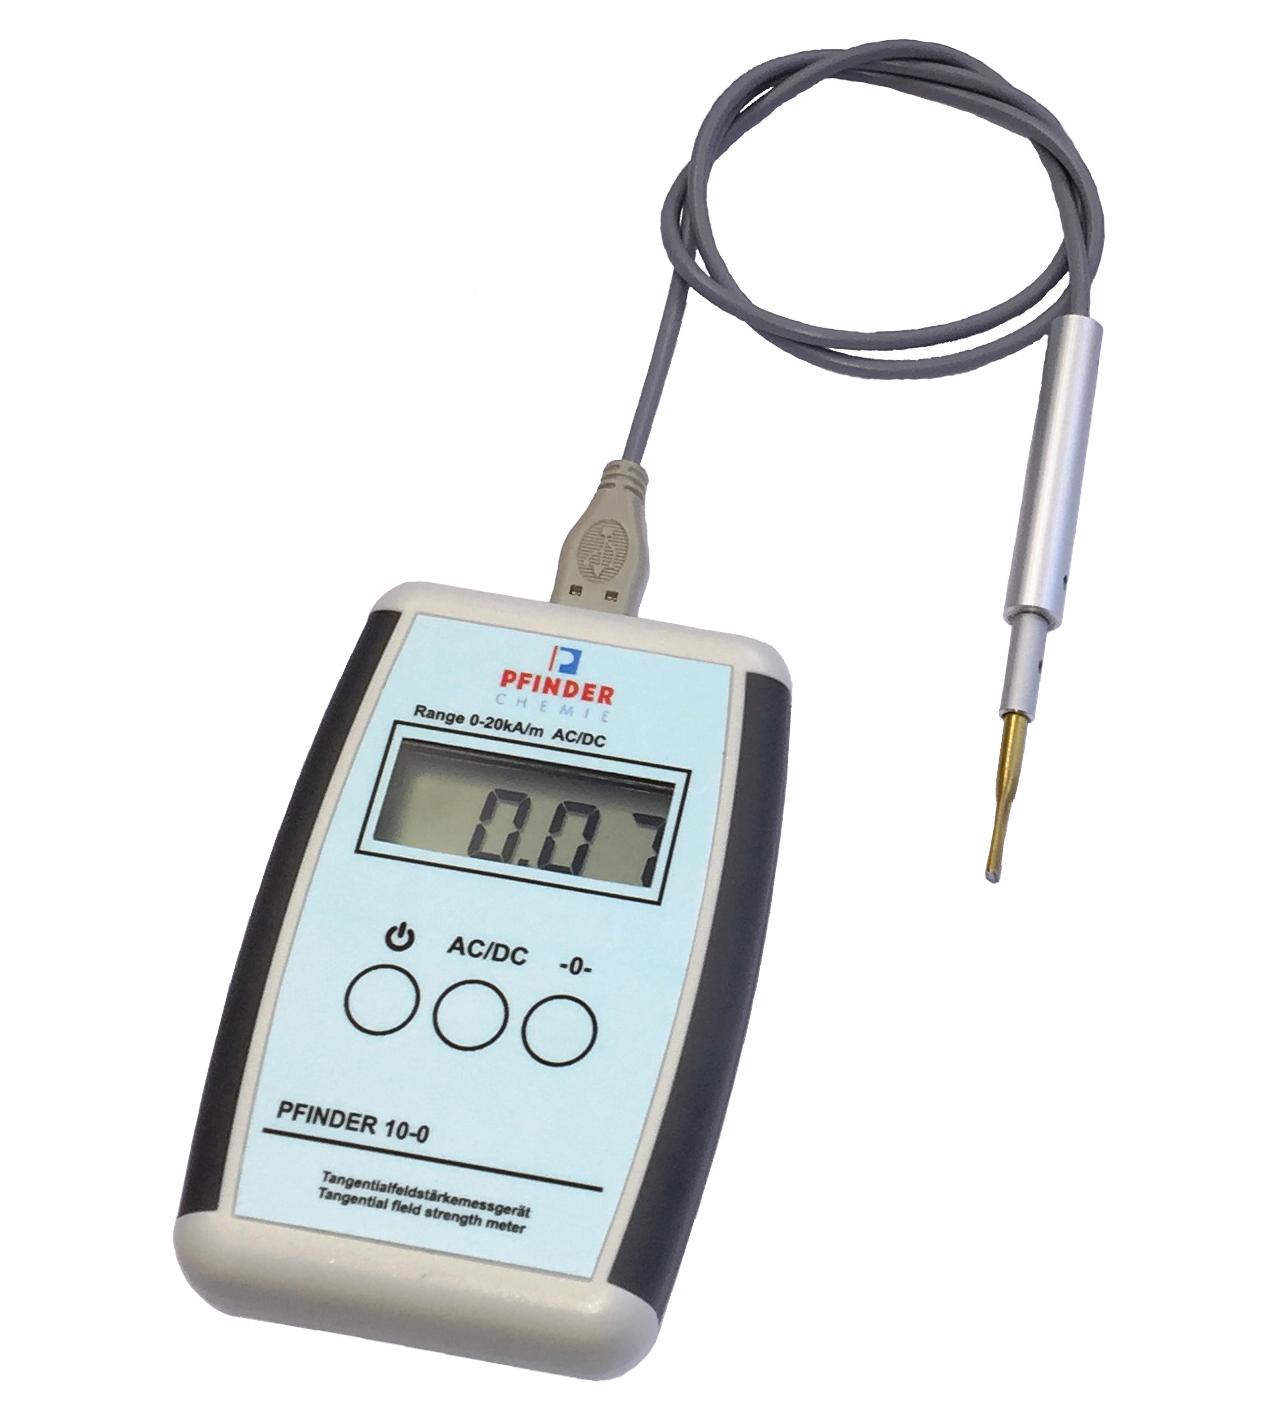 Pfinder 10-0 térerősségmérő